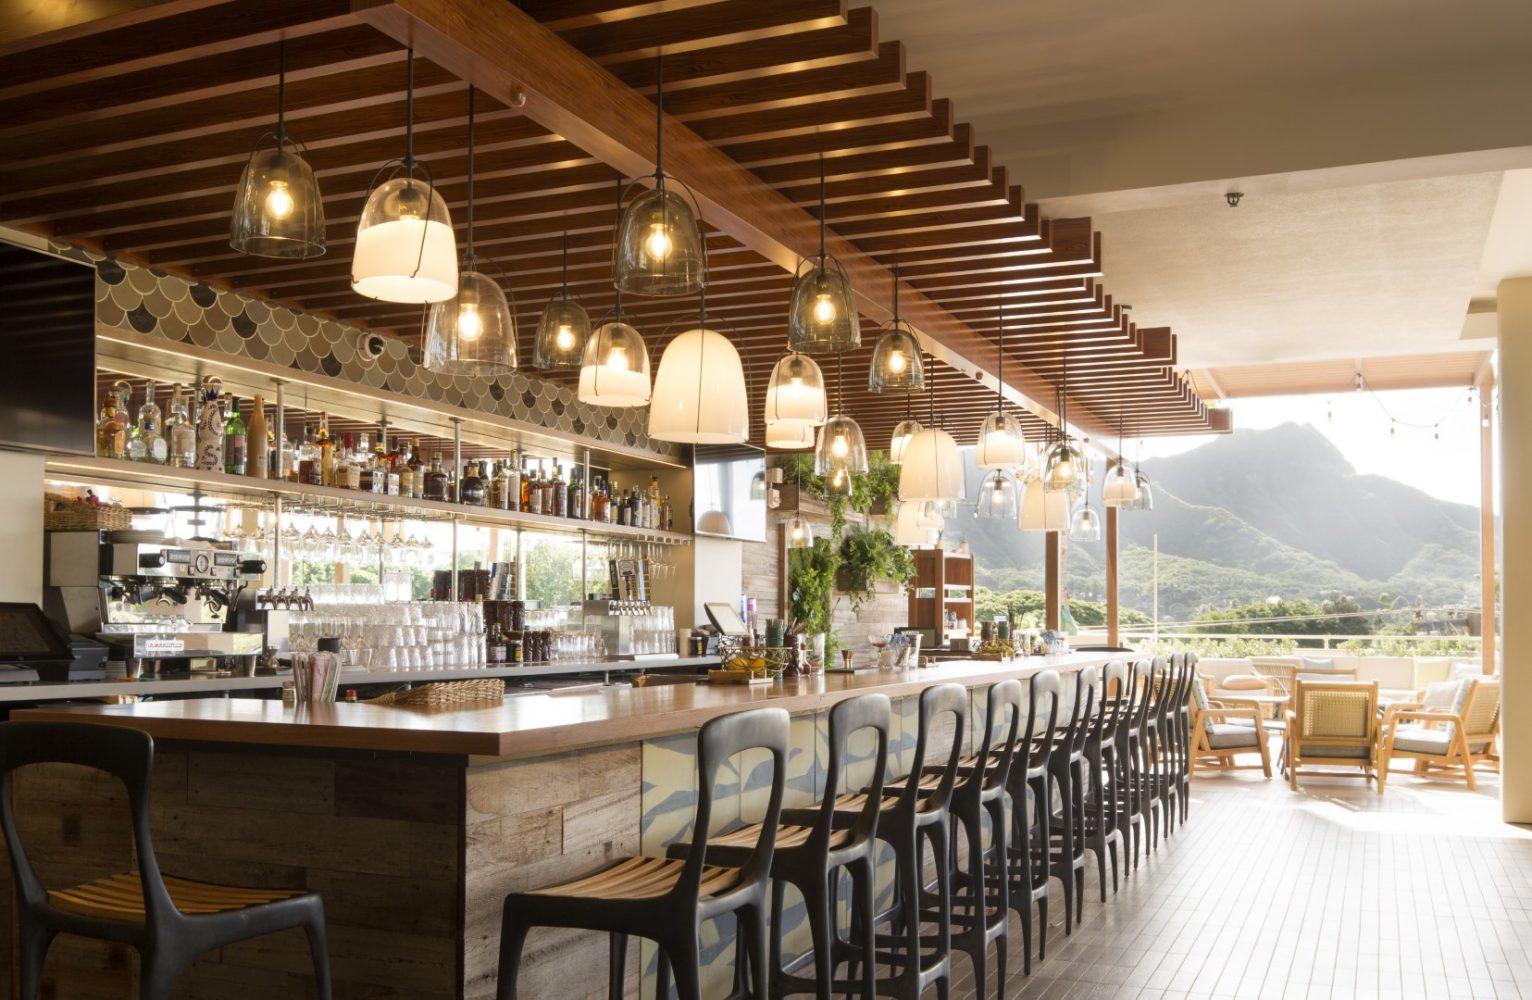 Queen Kapiolani Hotel Deck Restaurant- Philpotts Interiors